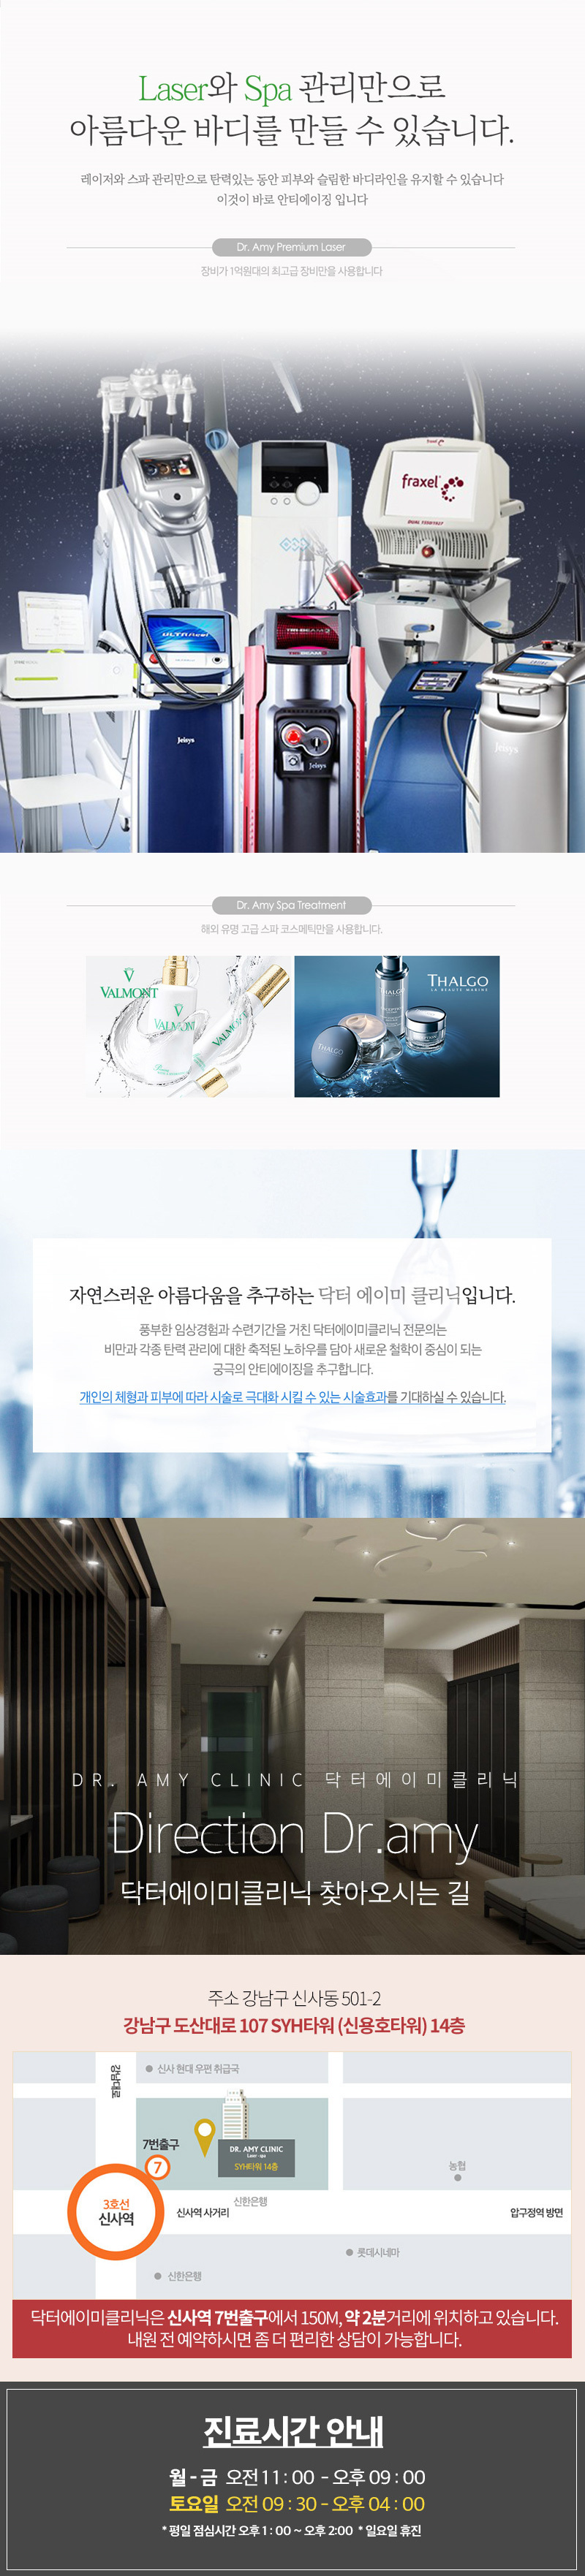 D event info aadb9dc1013b311ae9